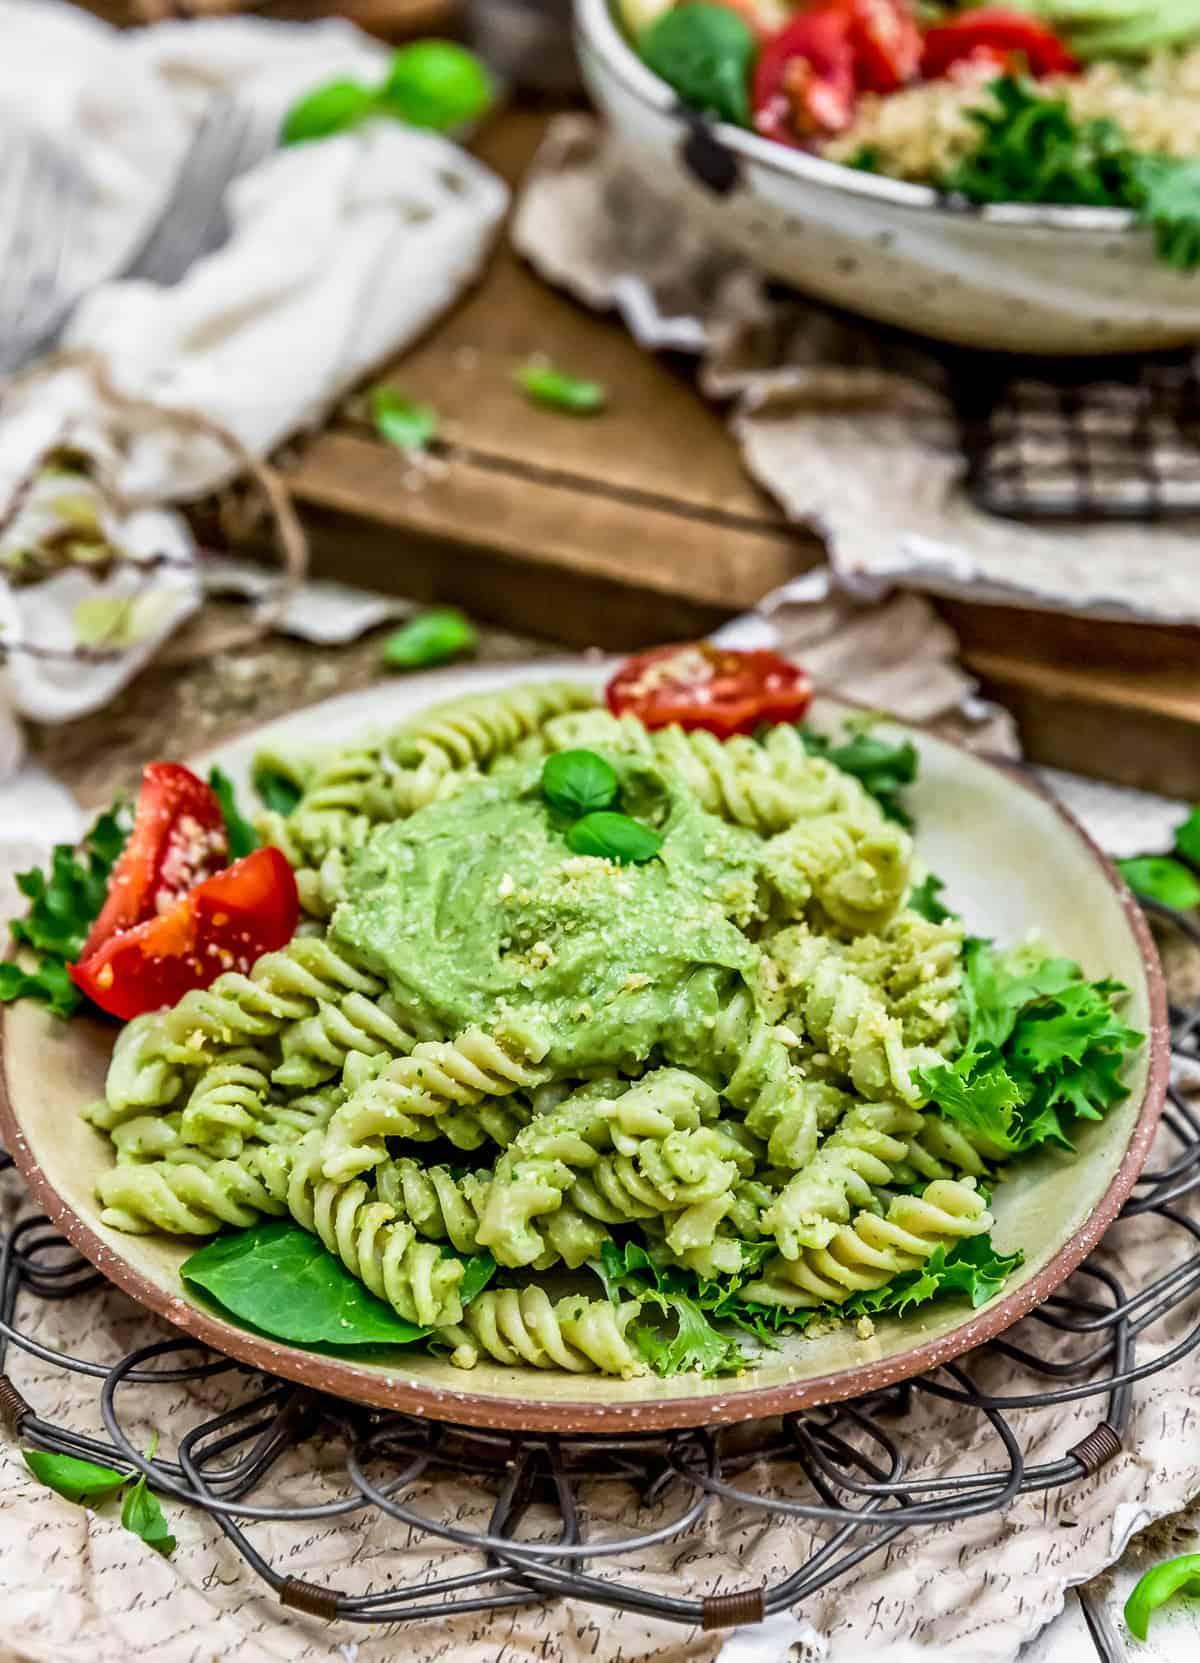 Vegan Oil Free Avocado Pesto with pasta